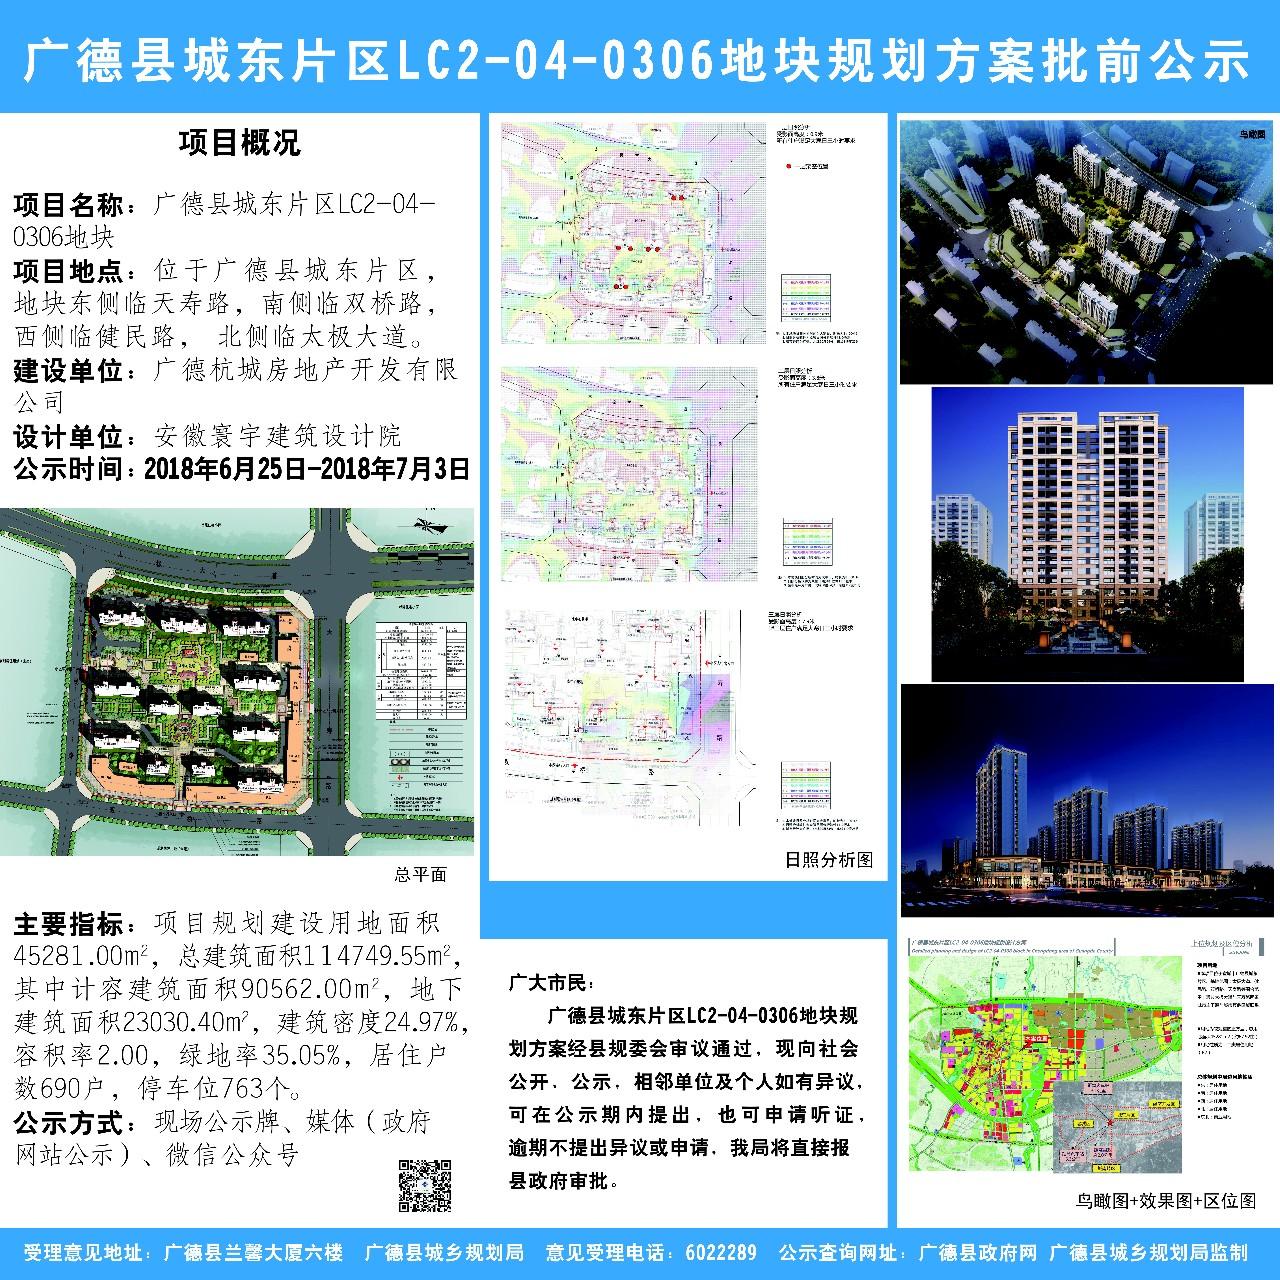 广德县城东片区LC2-04-0306地块规划方案批前公示